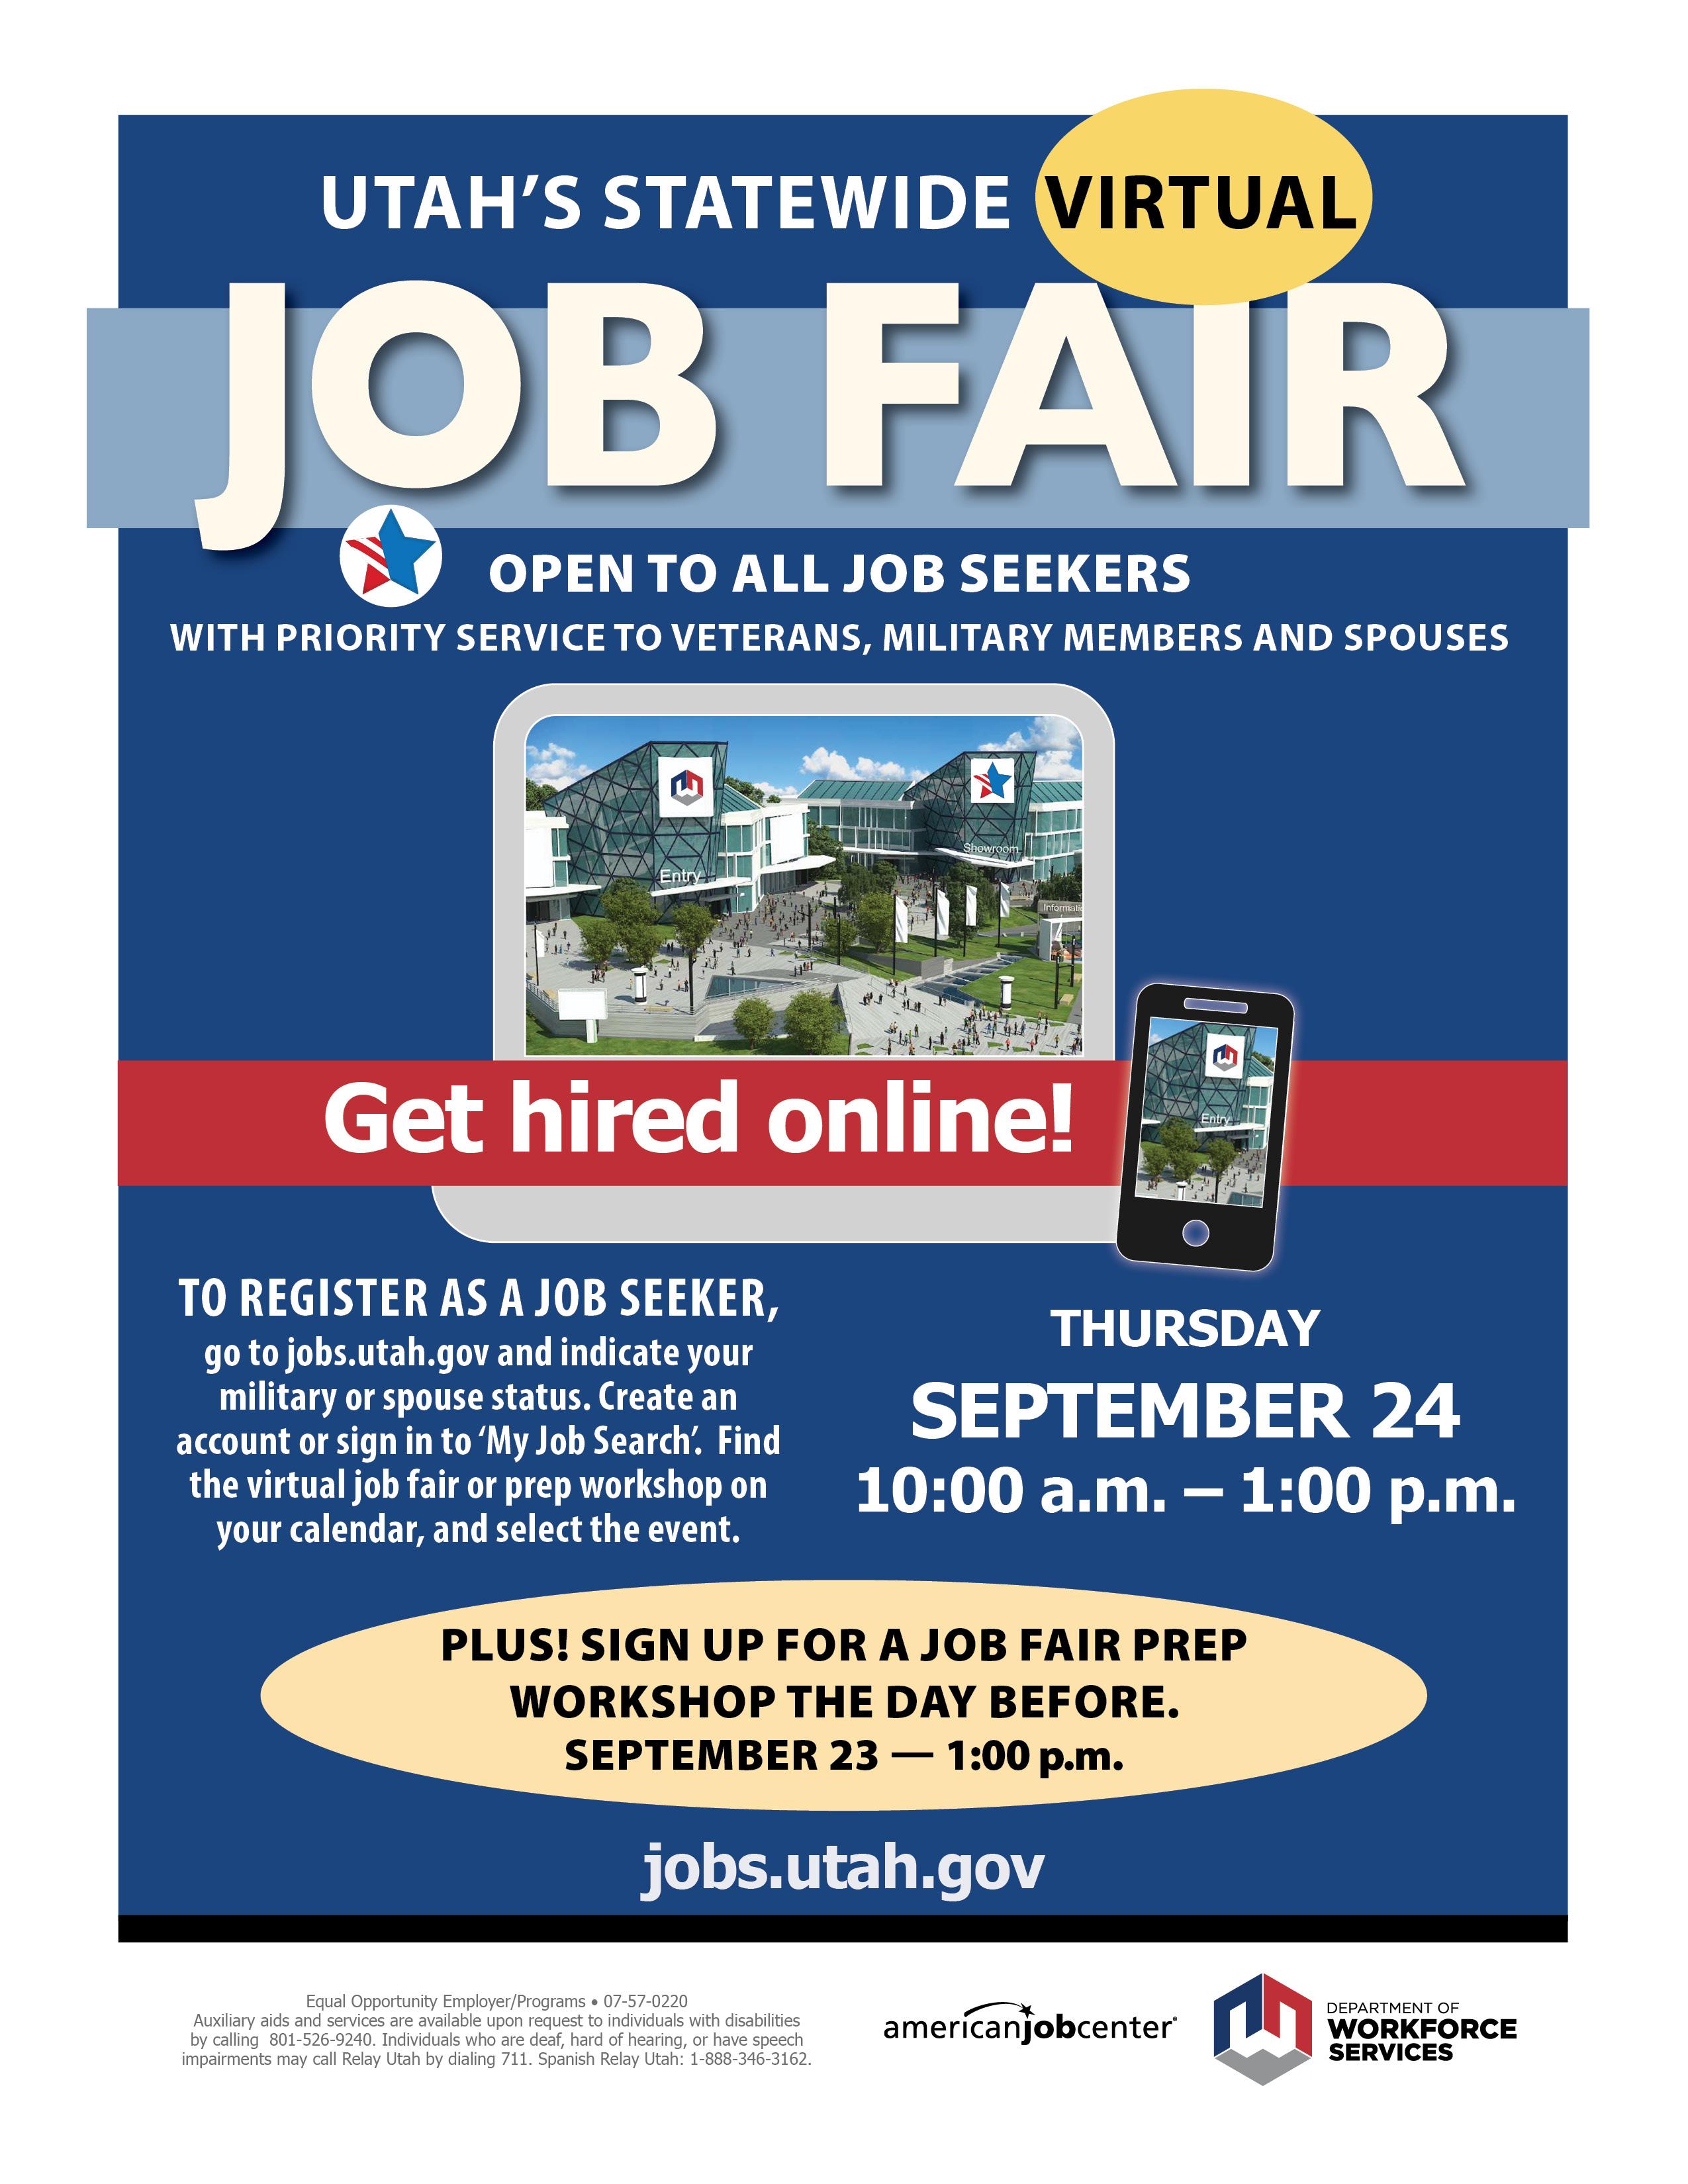 UTAH: Virtual Job Fair